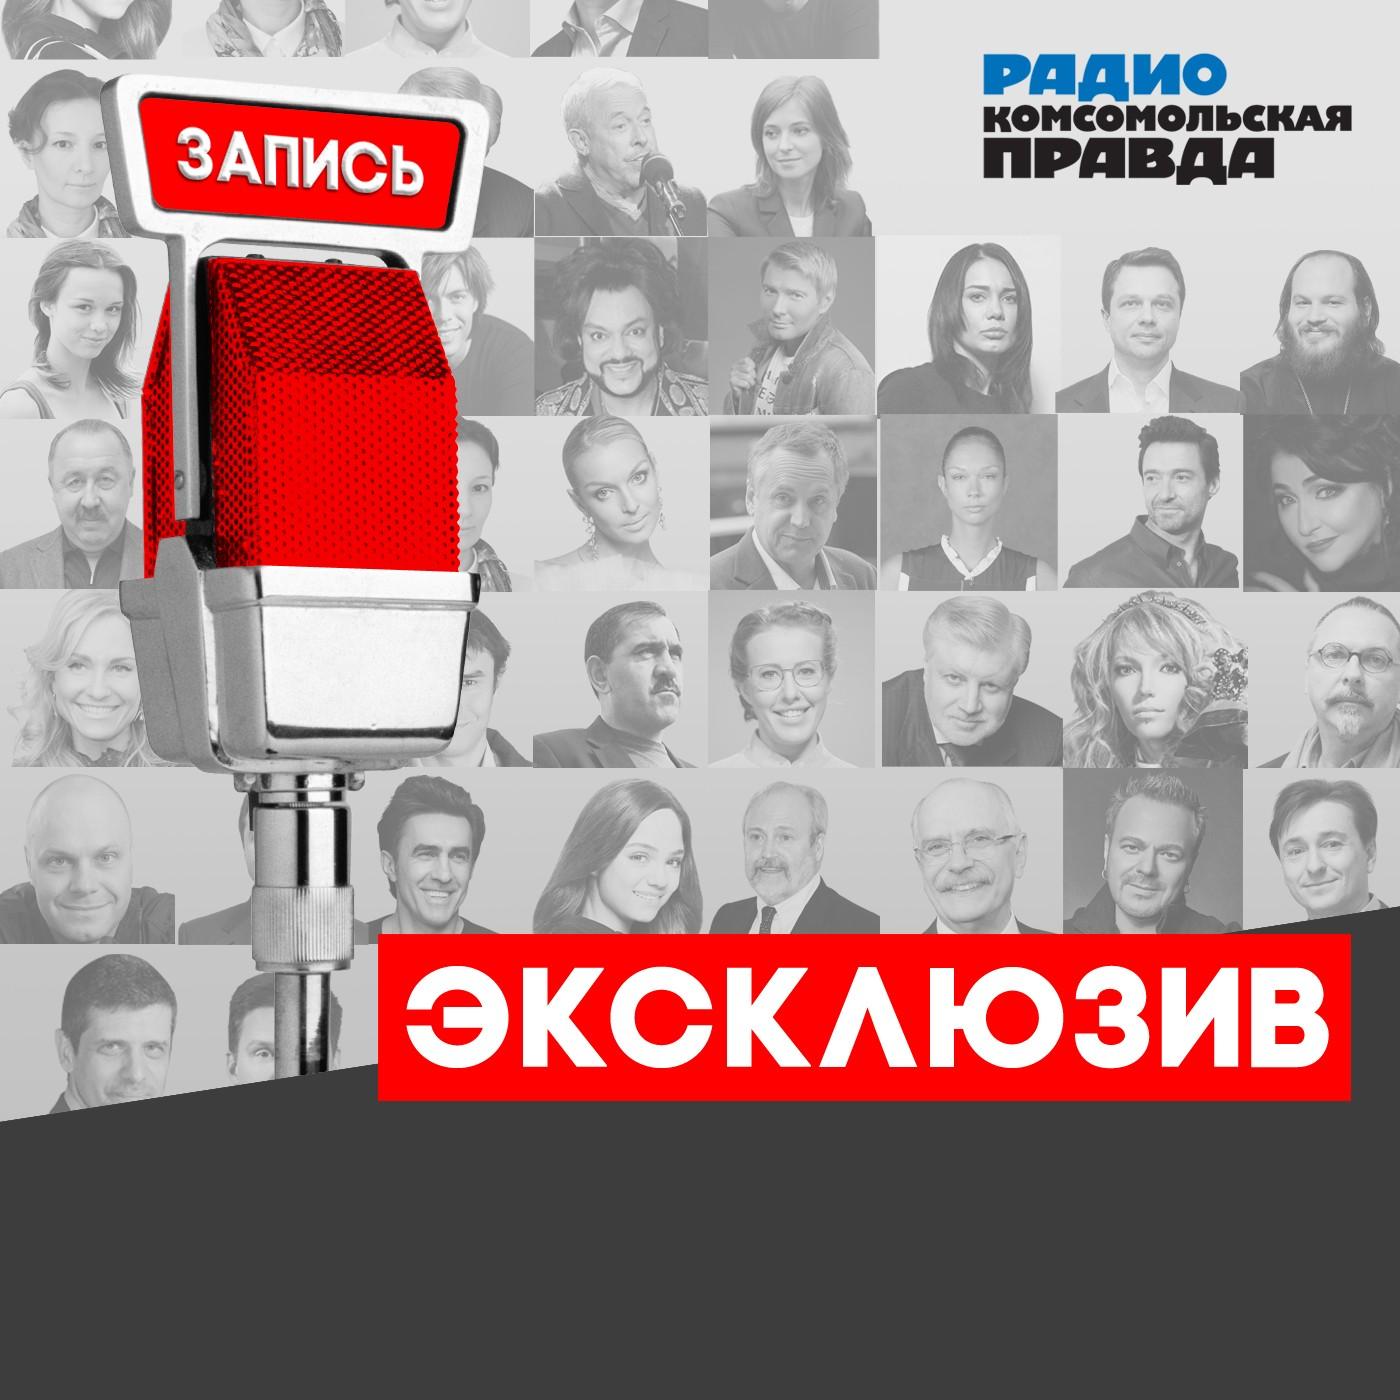 Радио «Комсомольская правда» Лолита: Я мечтала бы сыграть уборщицу туалетов. Очень скучно быть красивой! printio лолита